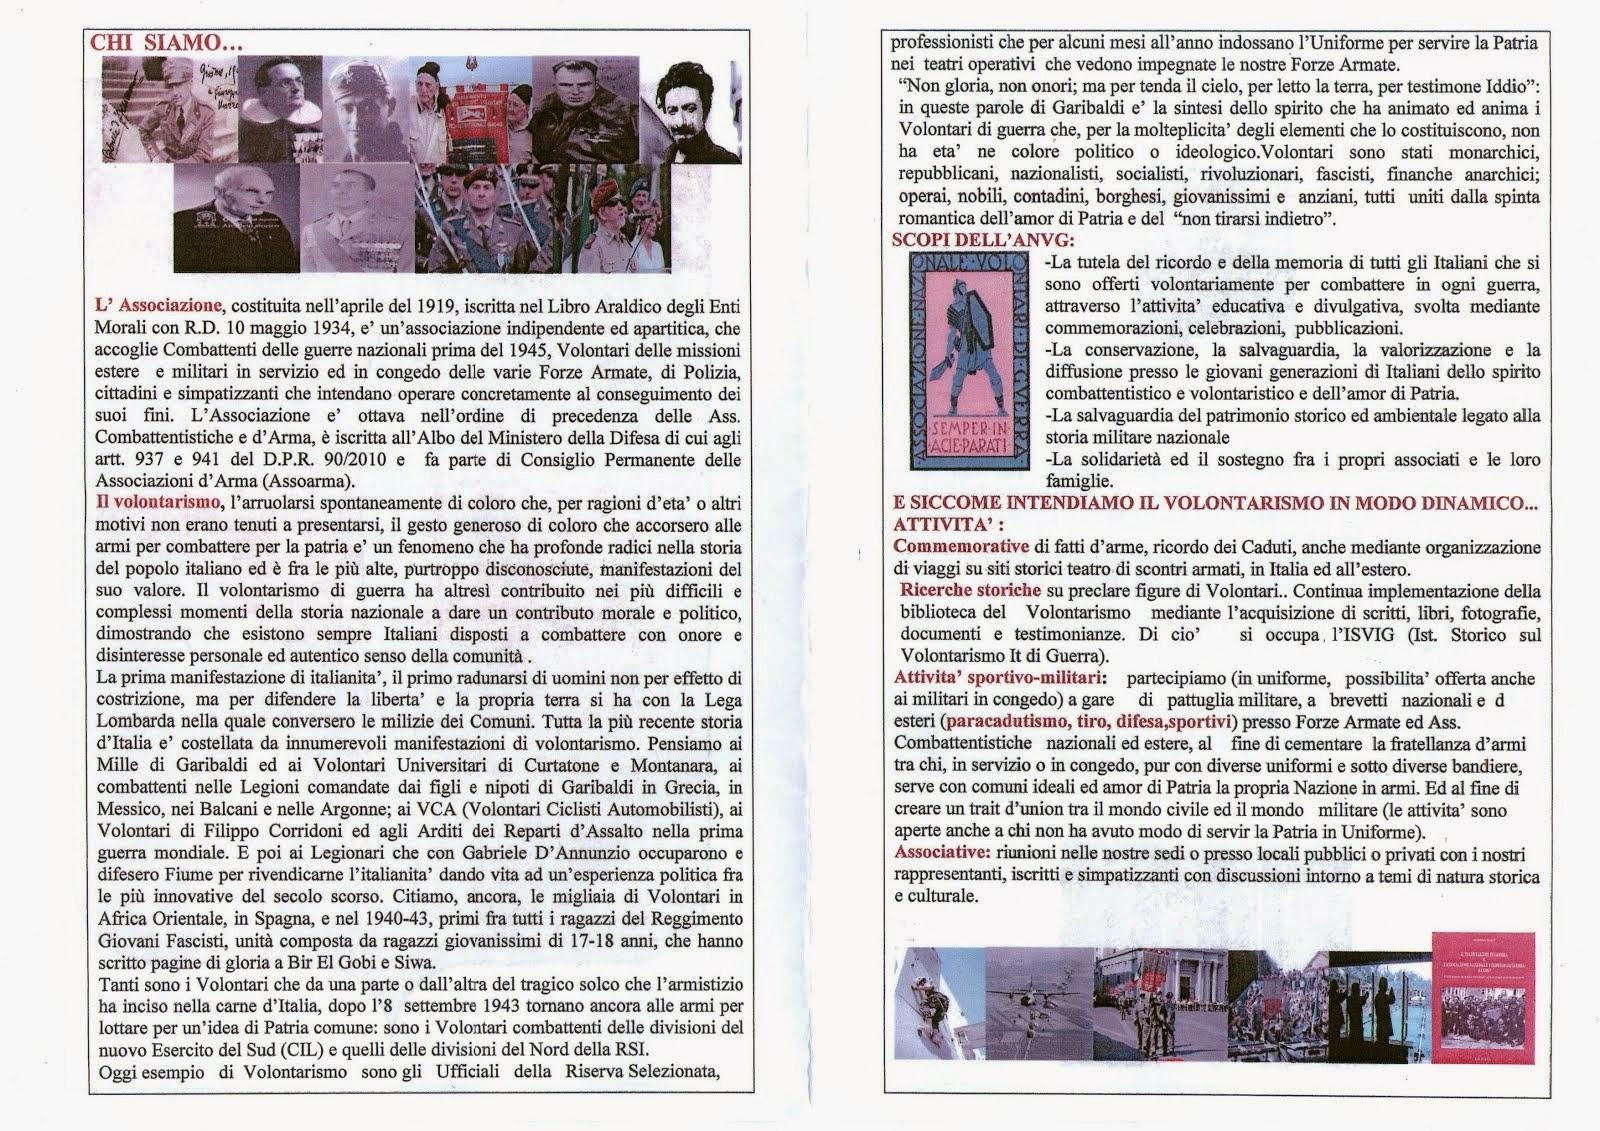 ANVG ASSOCIAZIONE NAZIONALE VOLONTARI DI GUERRA 2